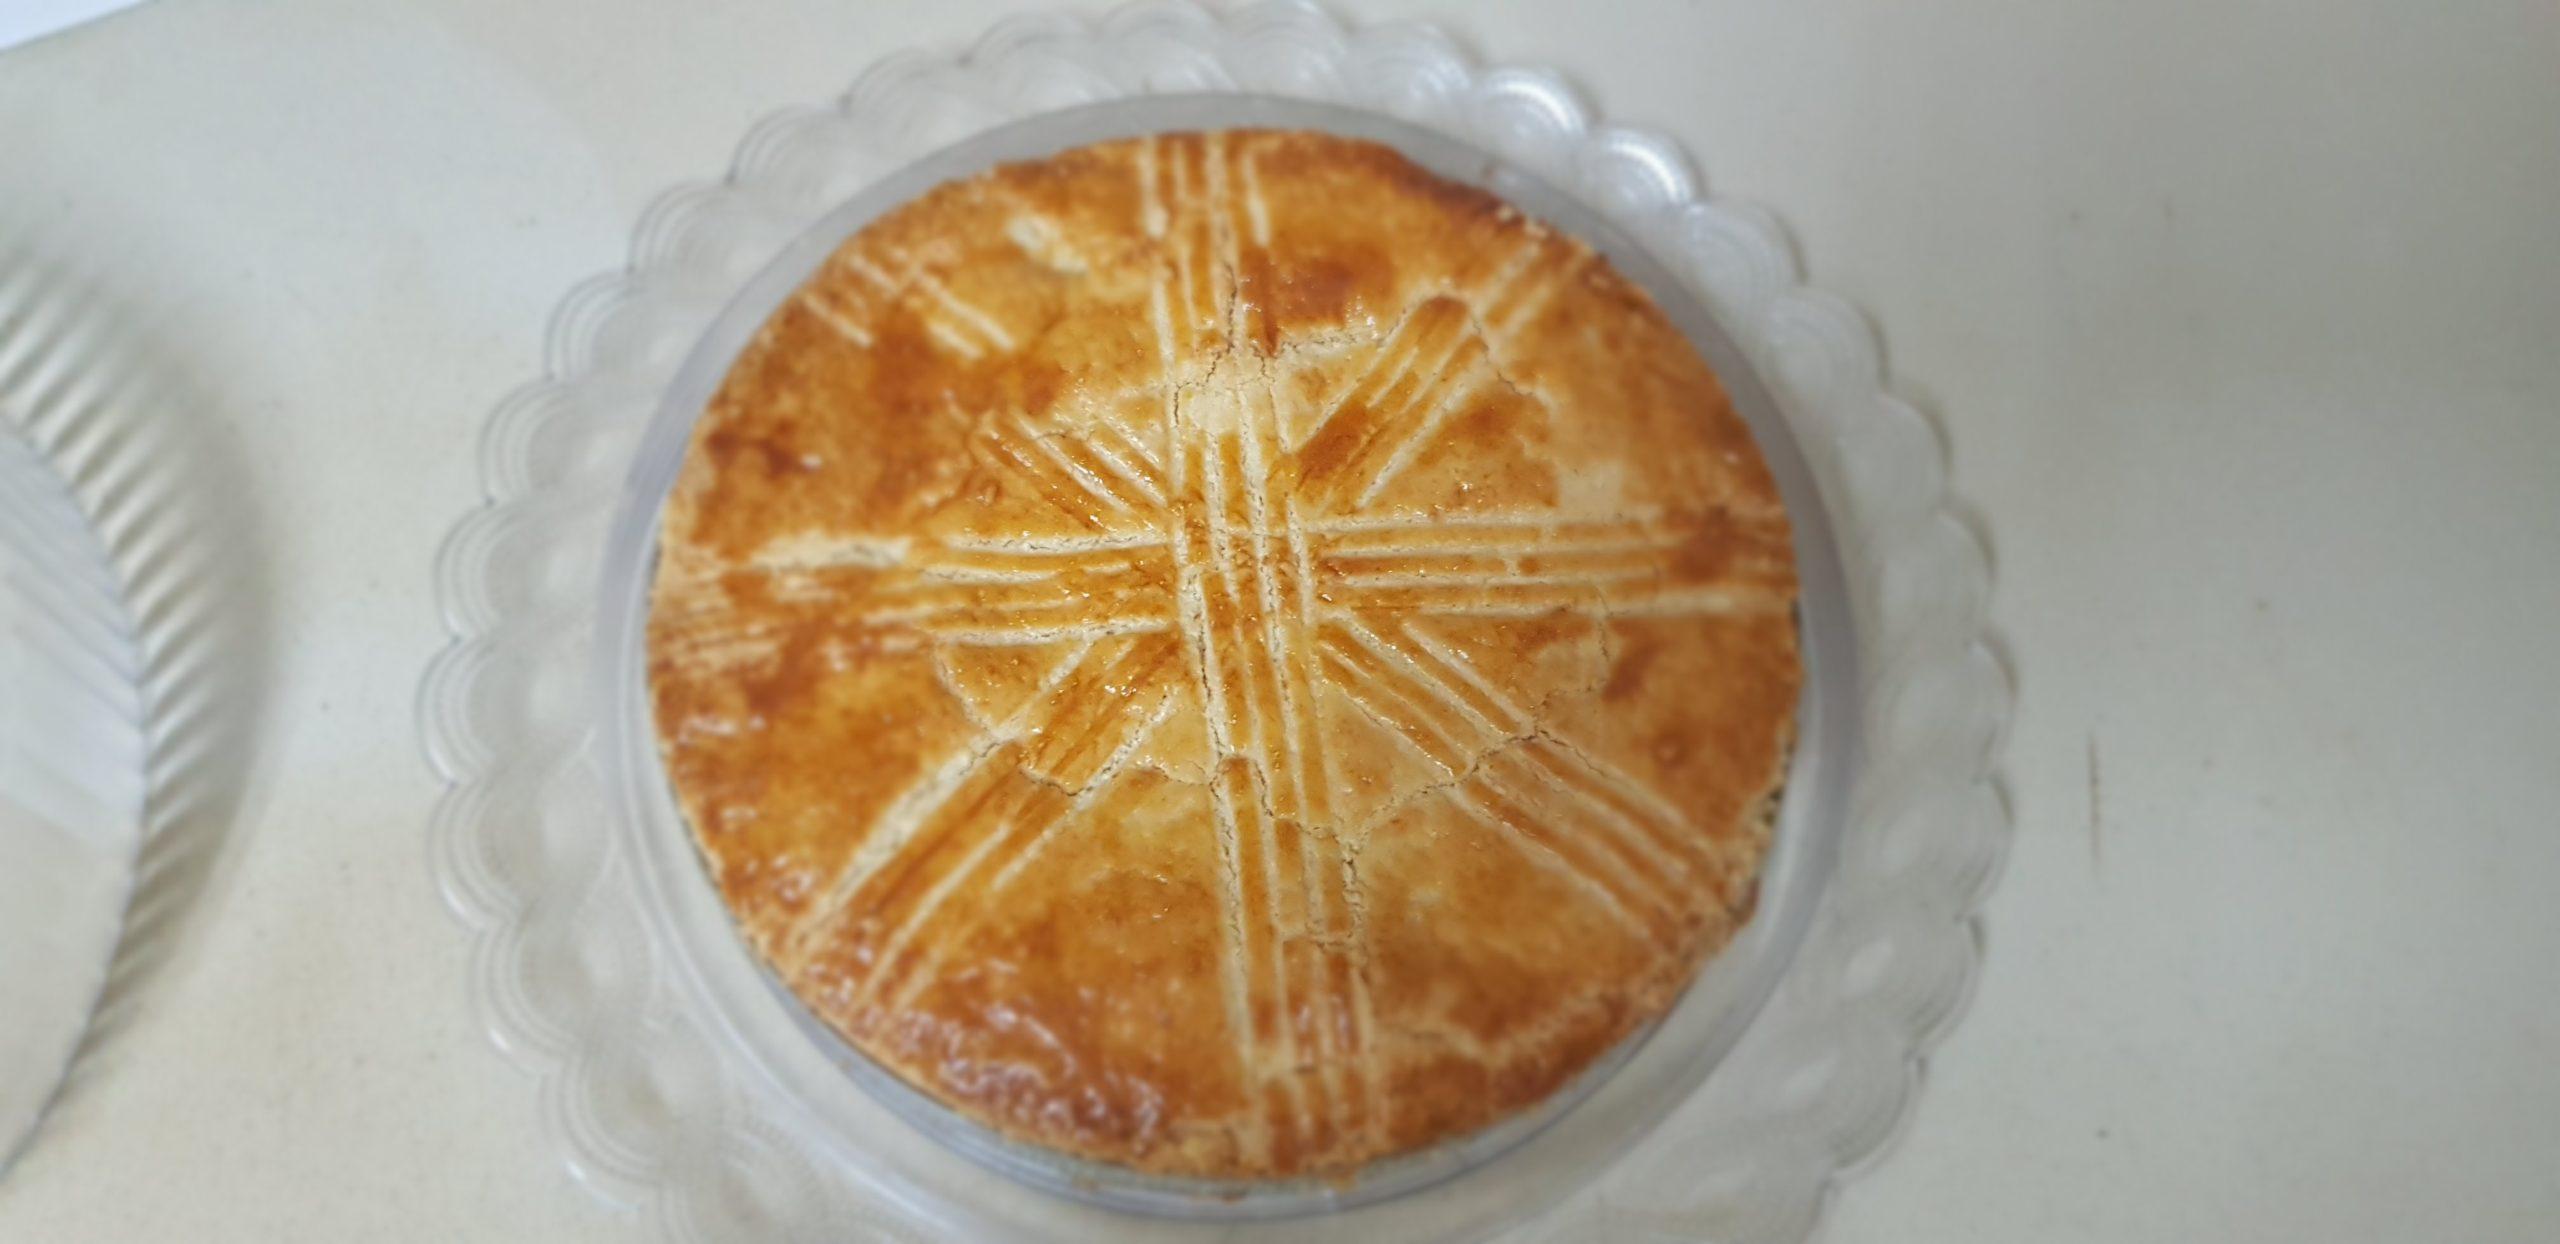 Le gâteau Basque à la crème pâtissière au rhum